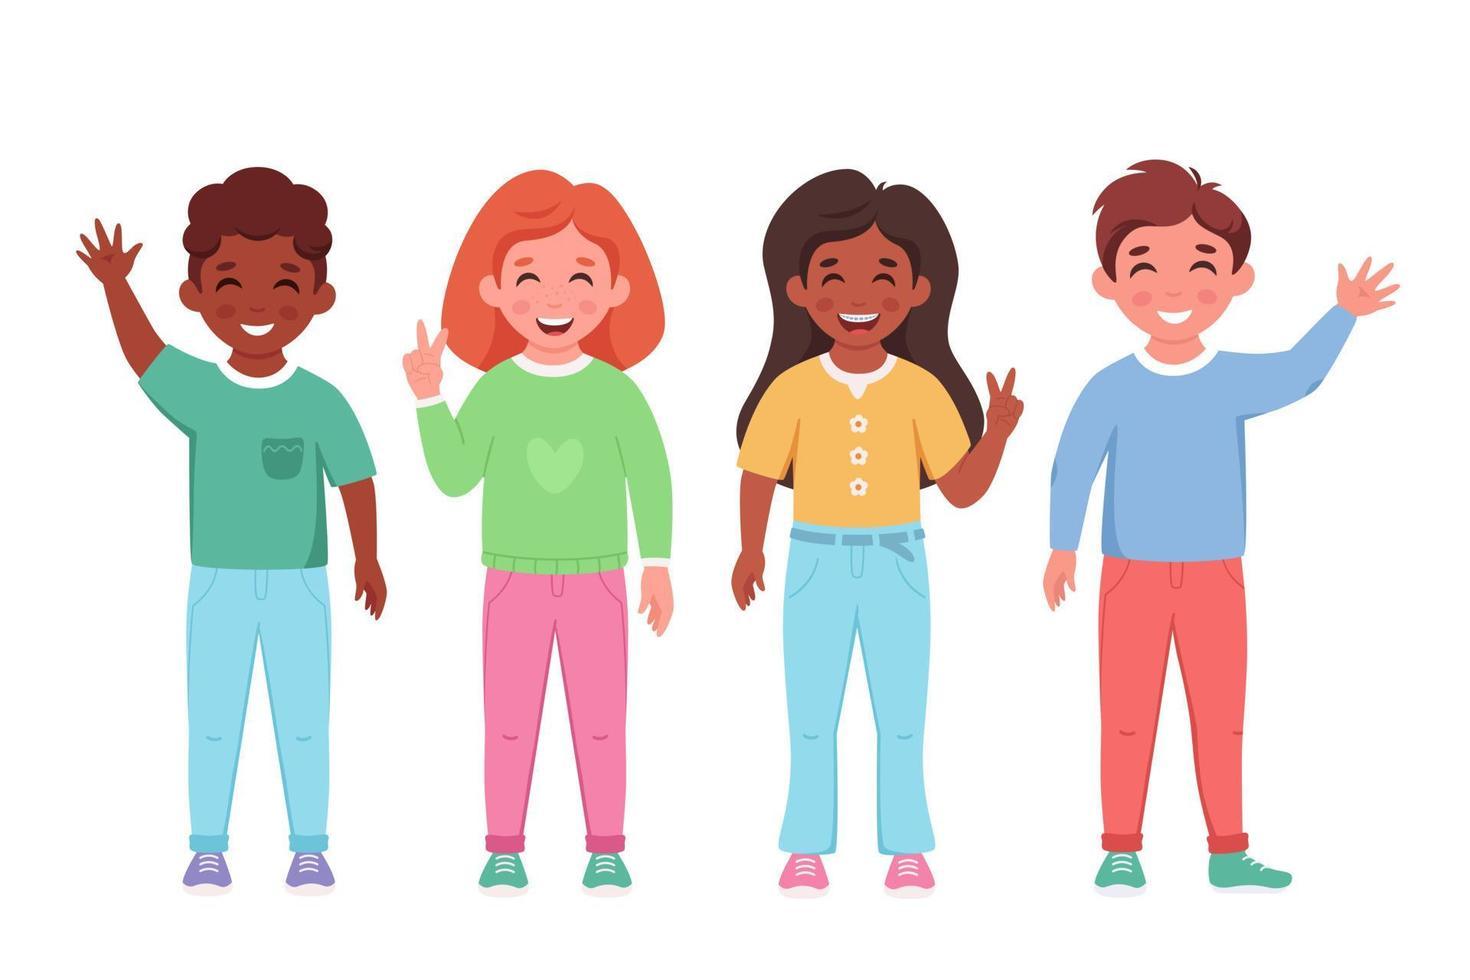 crianças de diferentes nacionalidades, sorrindo e acenando com as mãos. alunos do ensino fundamental. vetor